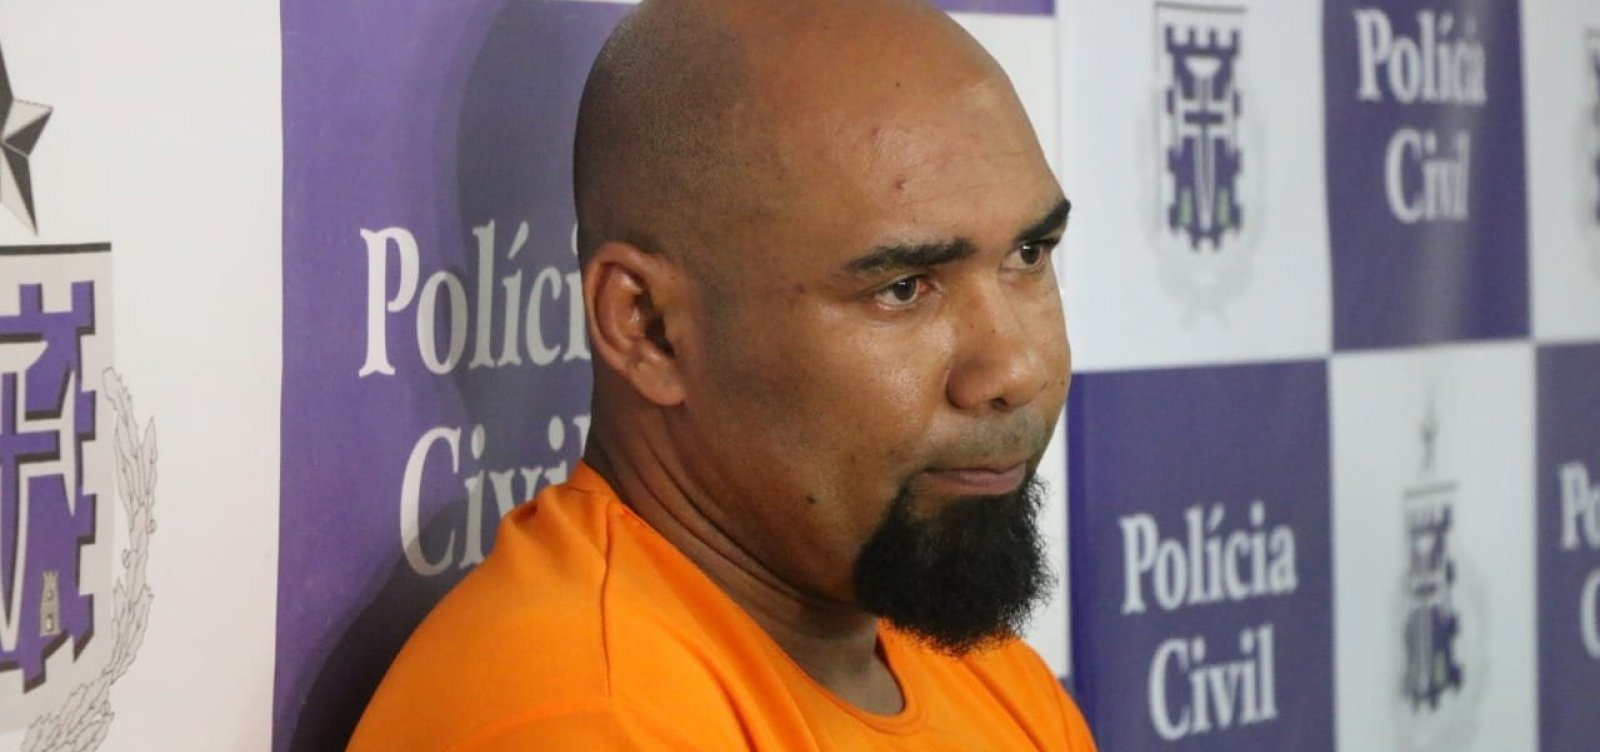 [Acusado de matar Moa do Katendê é condenado a 22 anos de prisão]